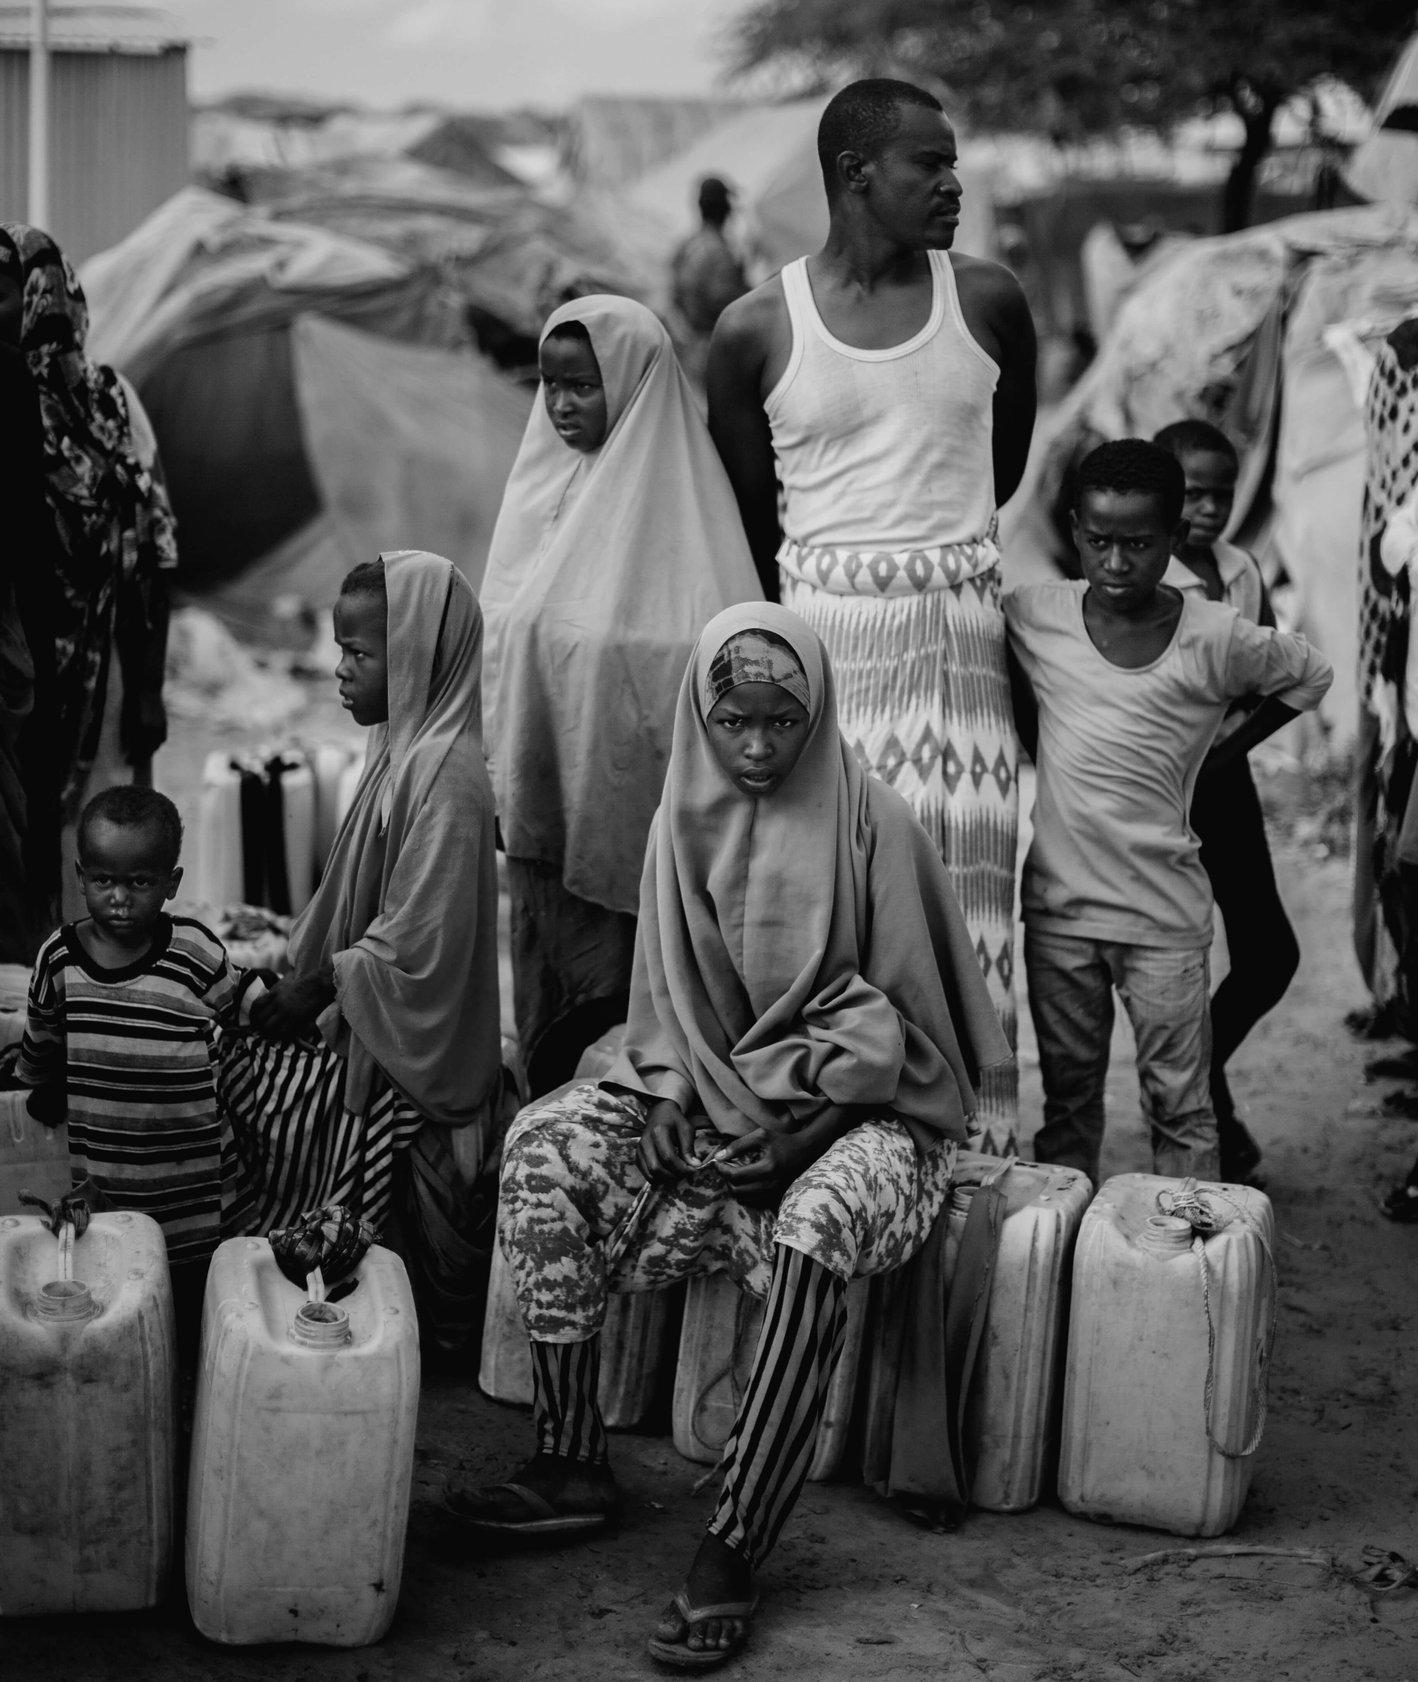 Ludzie czekający w kolejce do ujścia wody w jednym z obozów położonych na obrzeżach stolicy Somalii. Fragment materiału realizowanego dla PAH. Somalia 2018. RAST agencja fotograficzna (fot. Filip Skrońca)